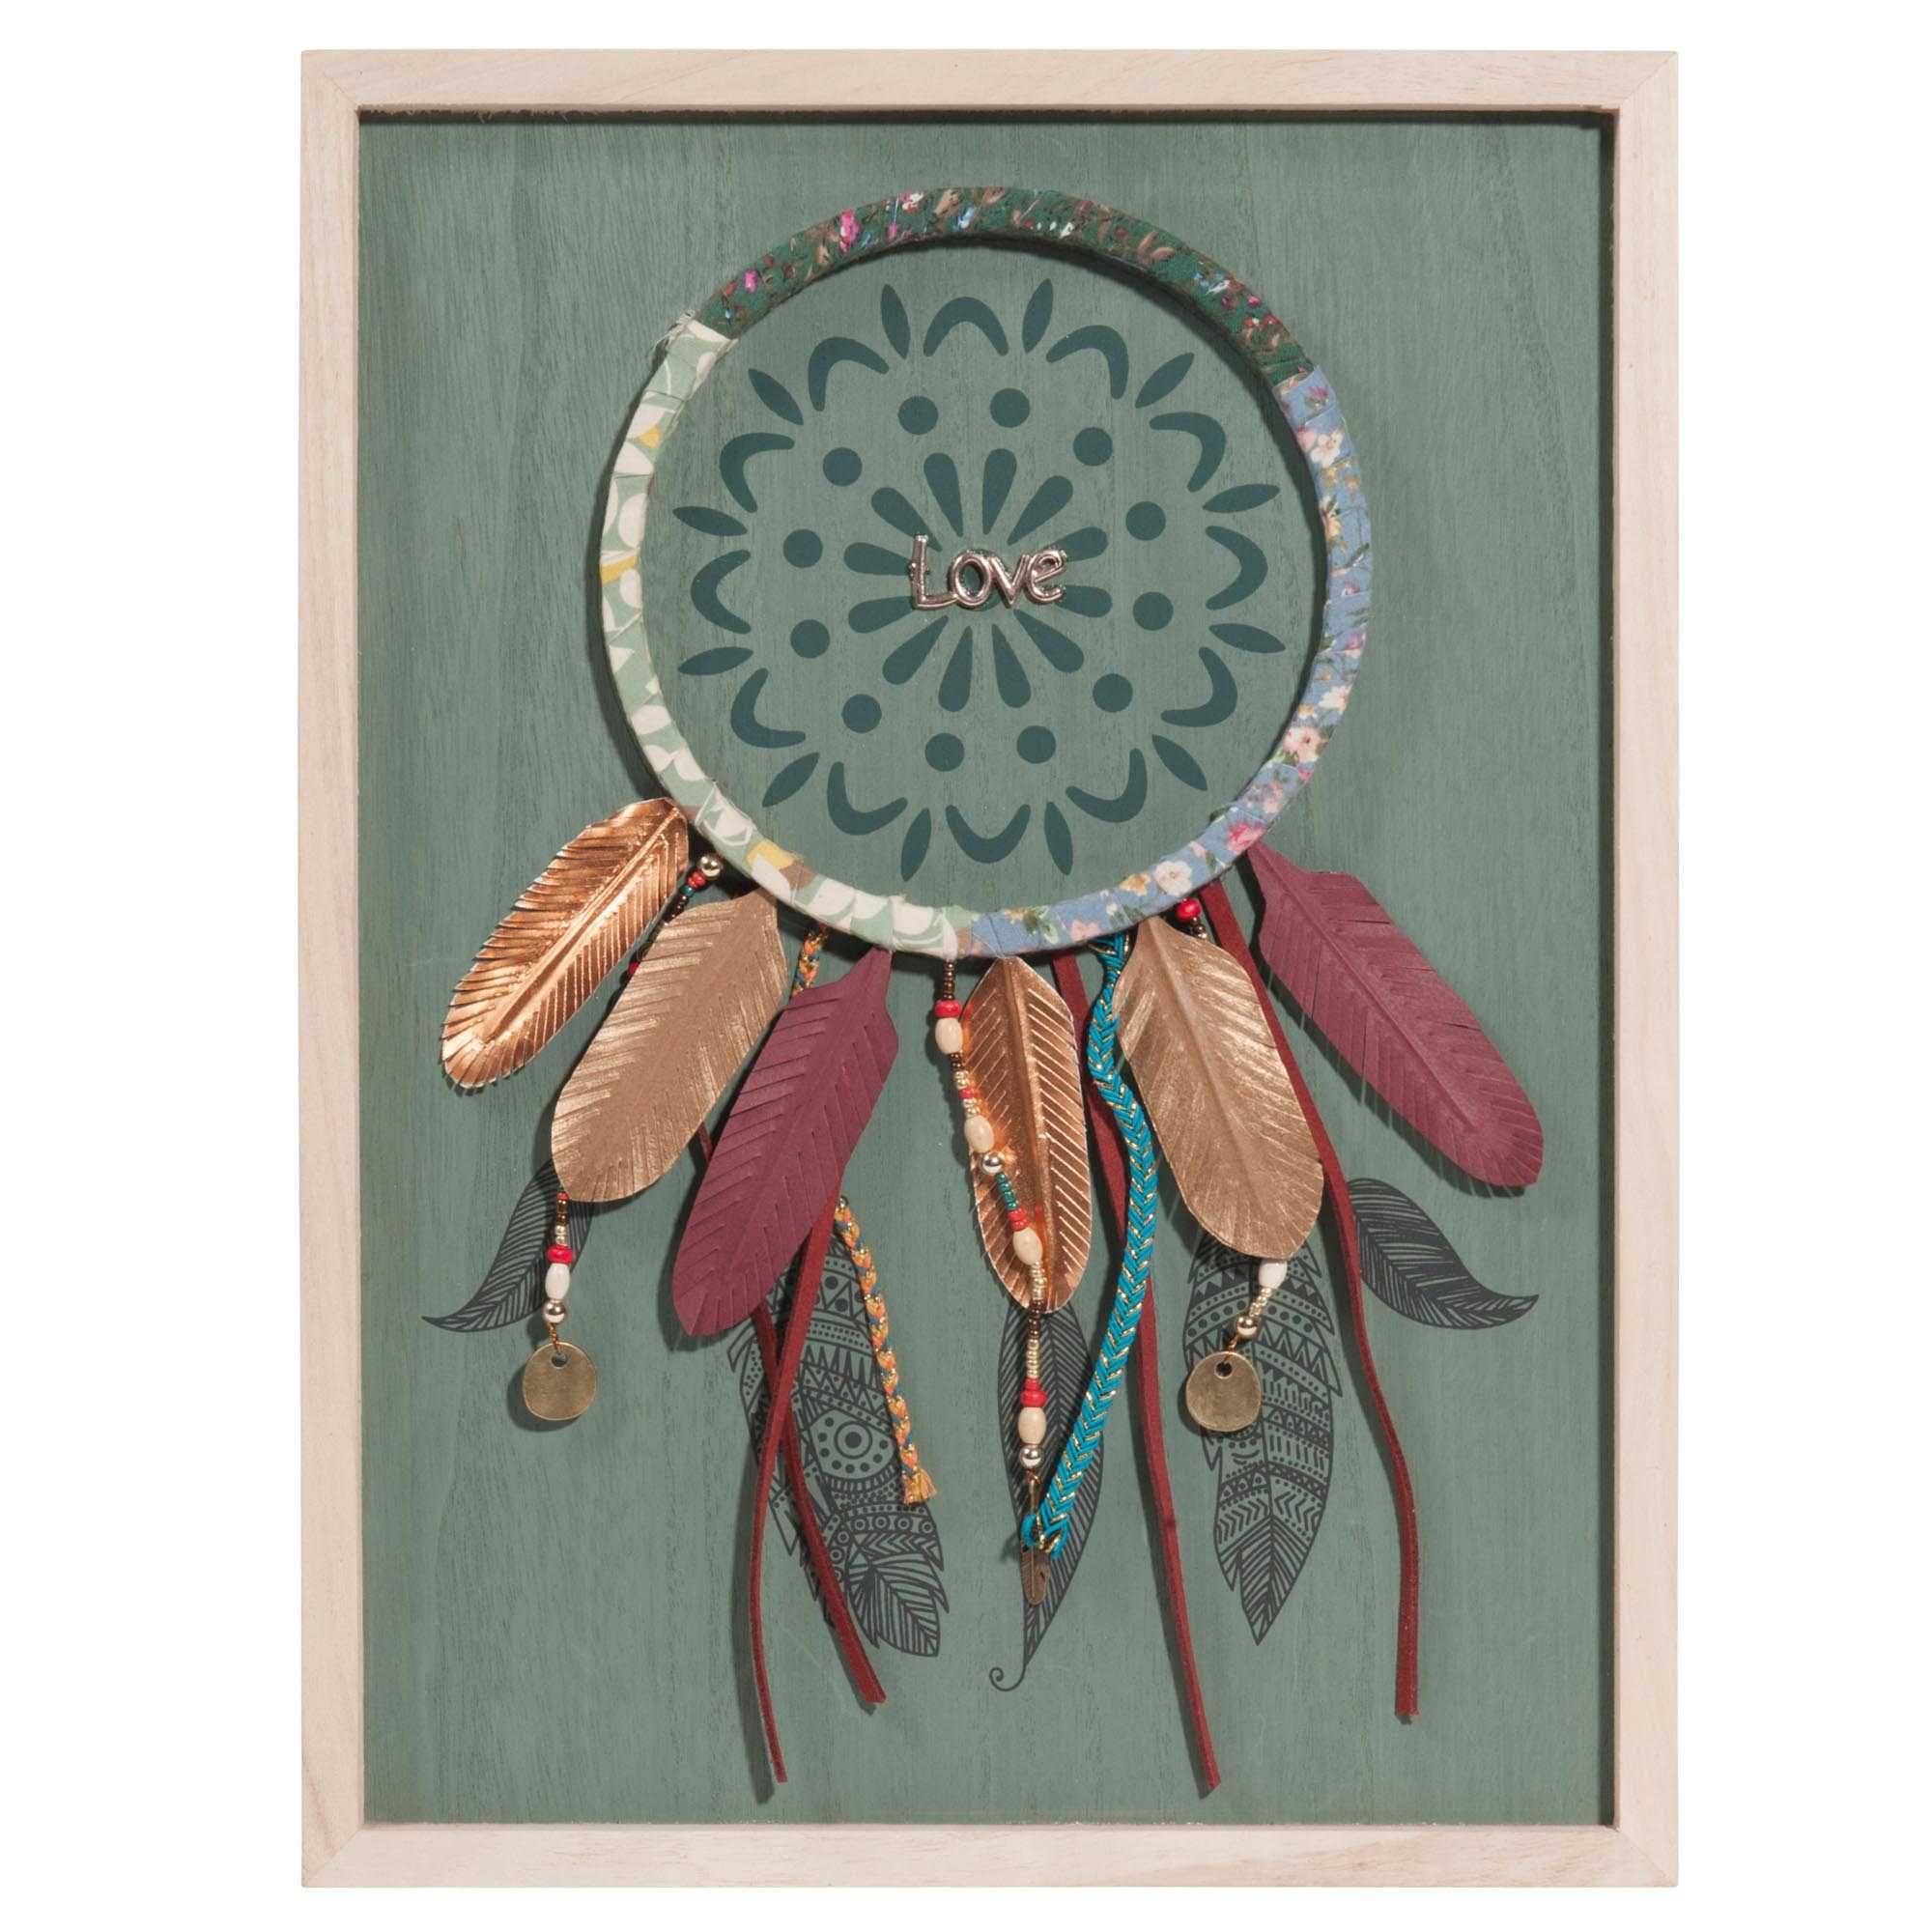 Bild Dreamcatcher aus Holz 30 x 40 cm GYPSET | Basteln | Pinterest ...